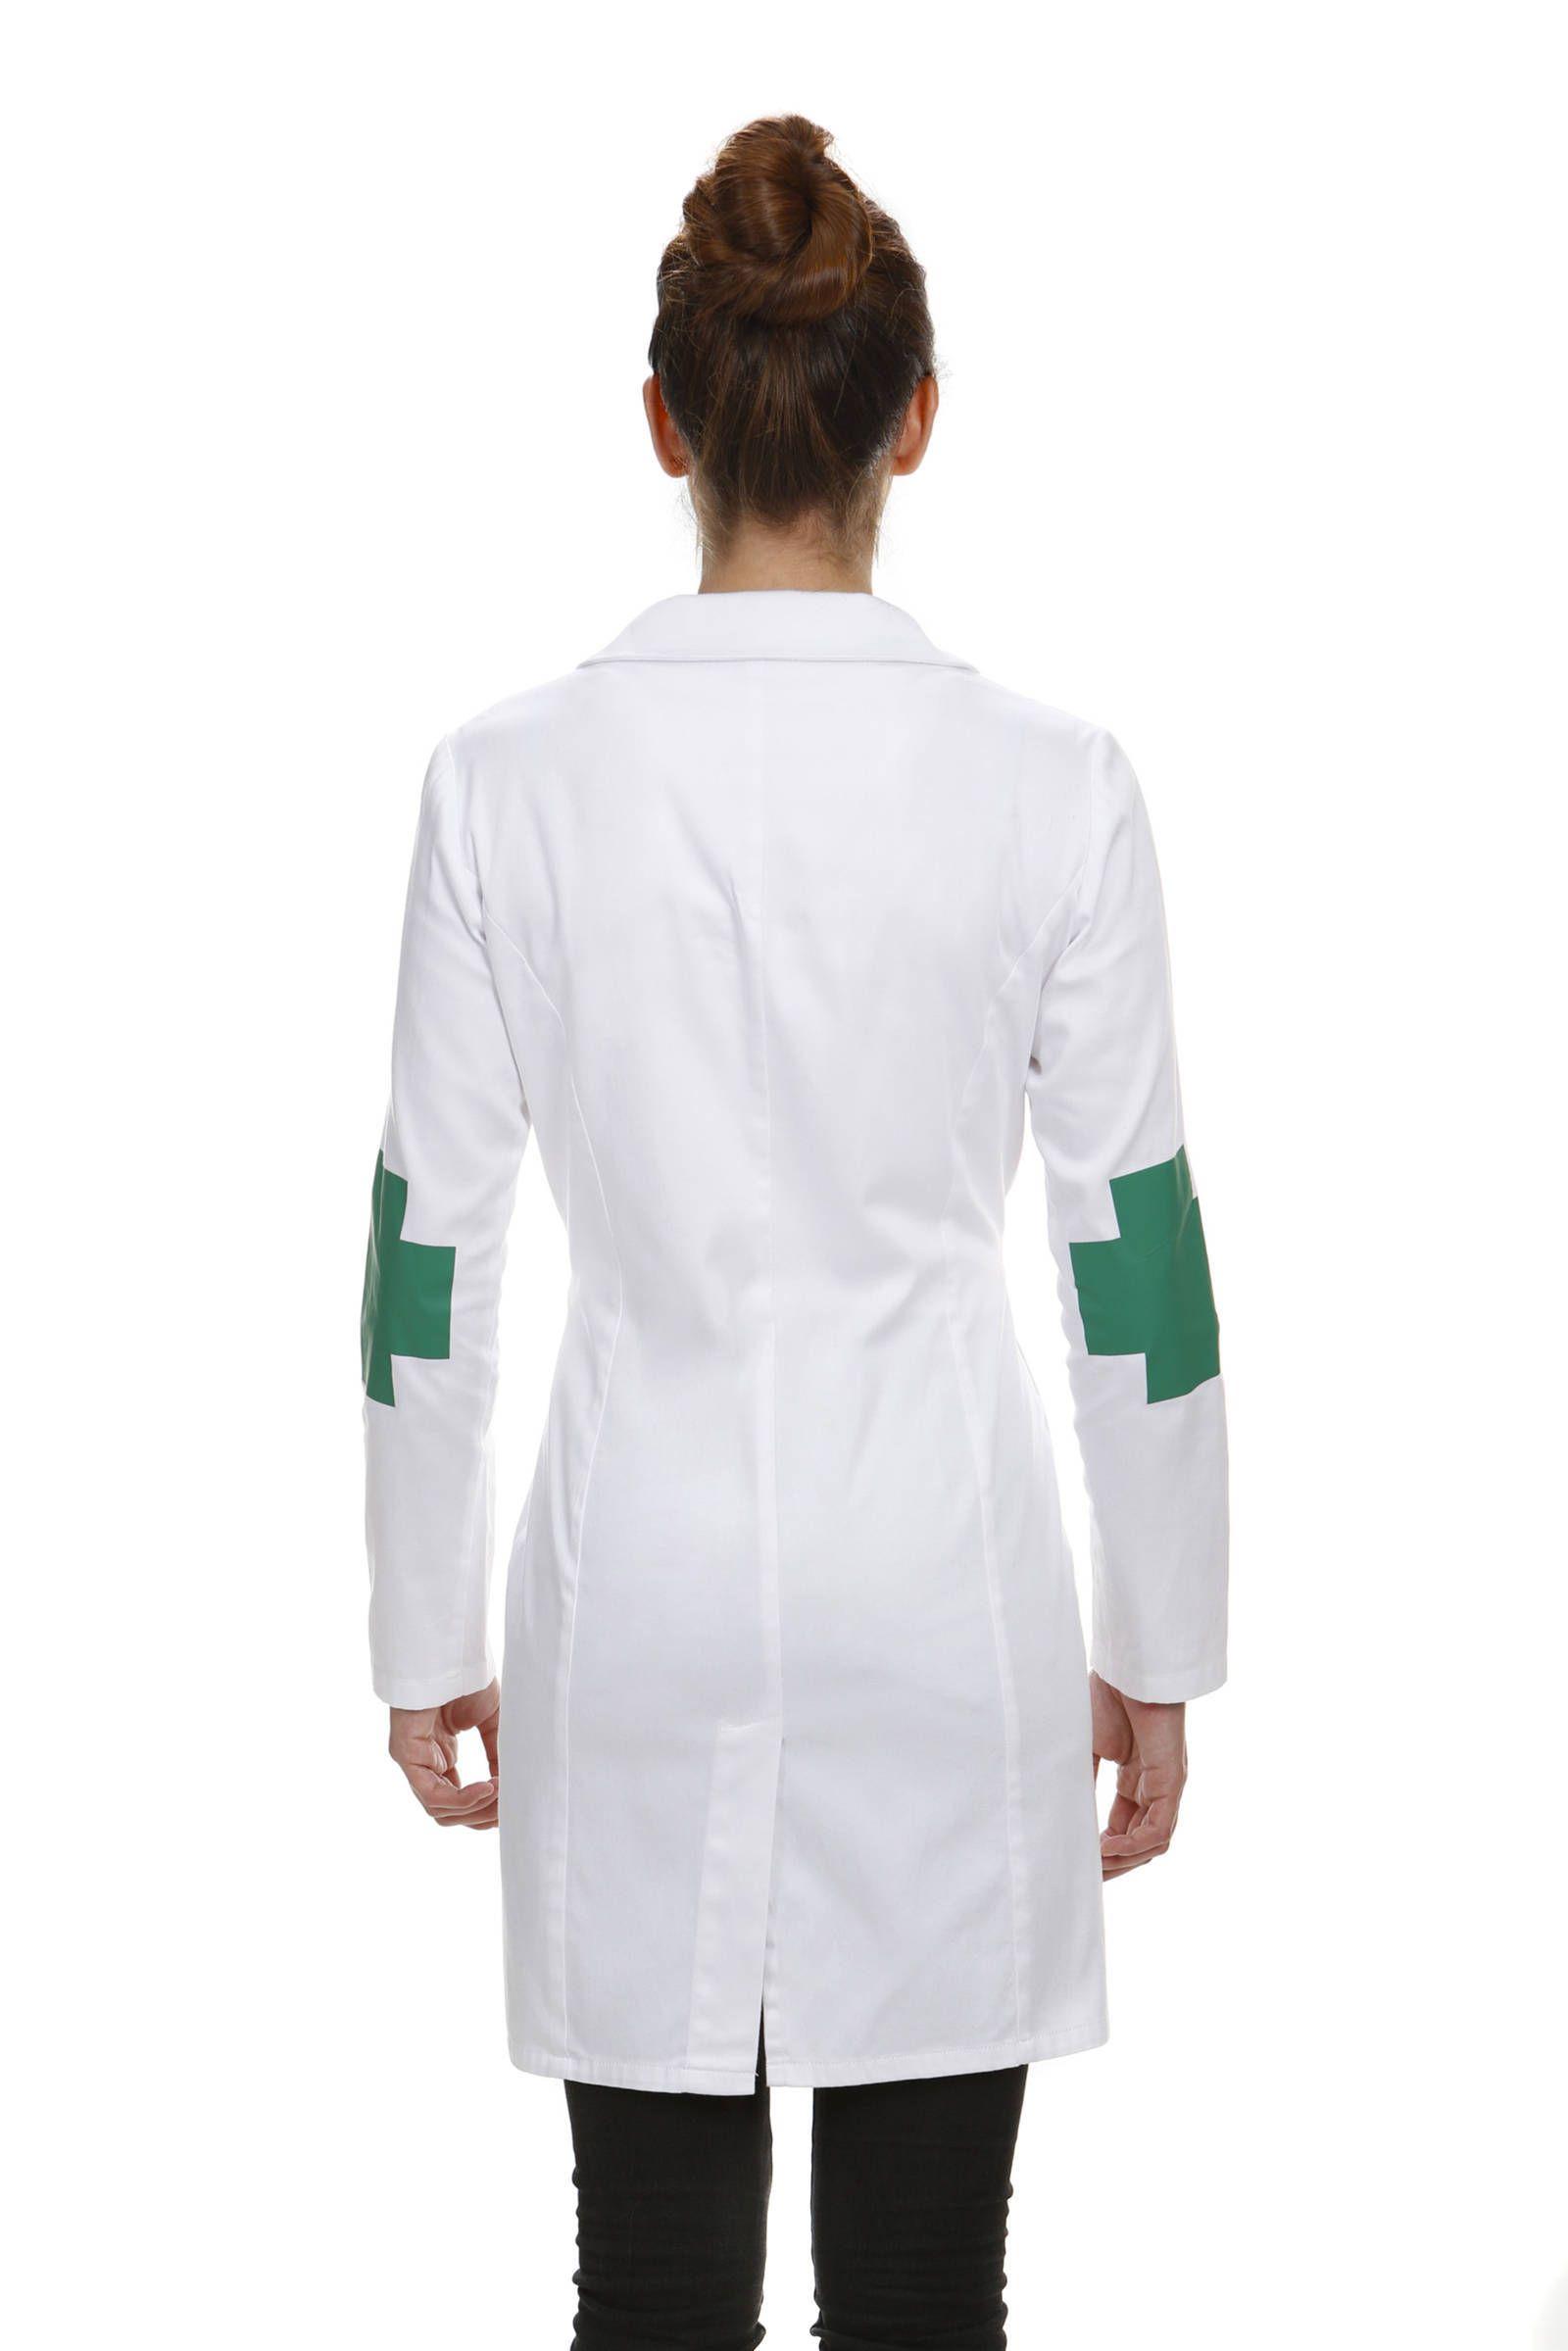 Tienda online con envíos nacionales de uniformes exclusivos